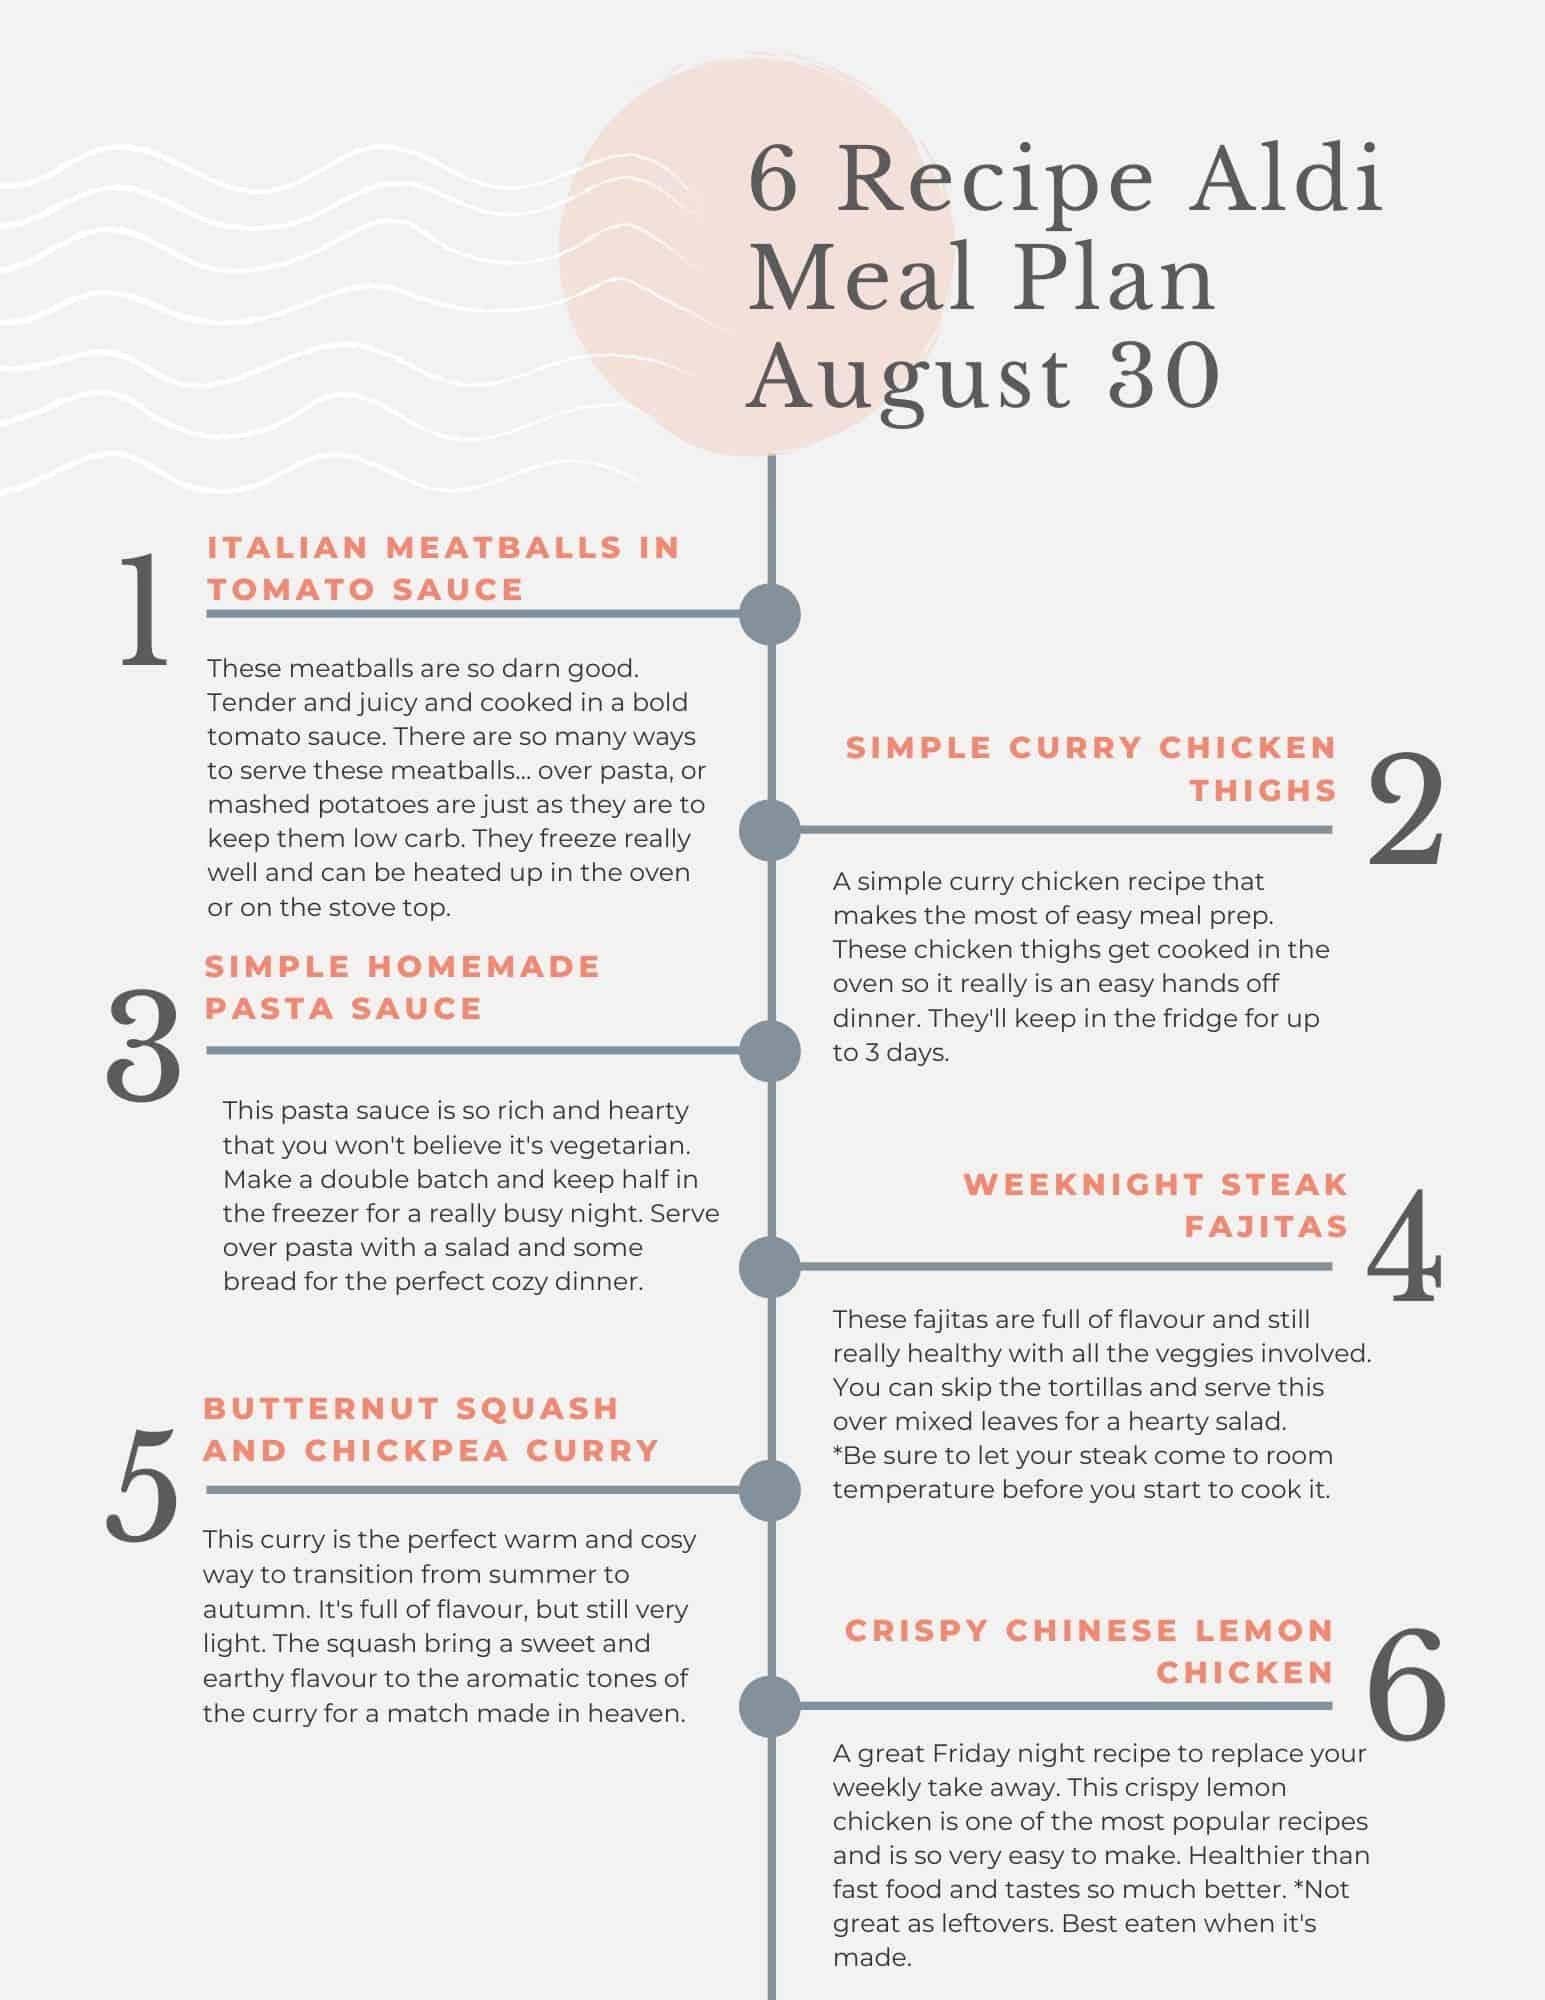 Aldi meal plan tip sheet